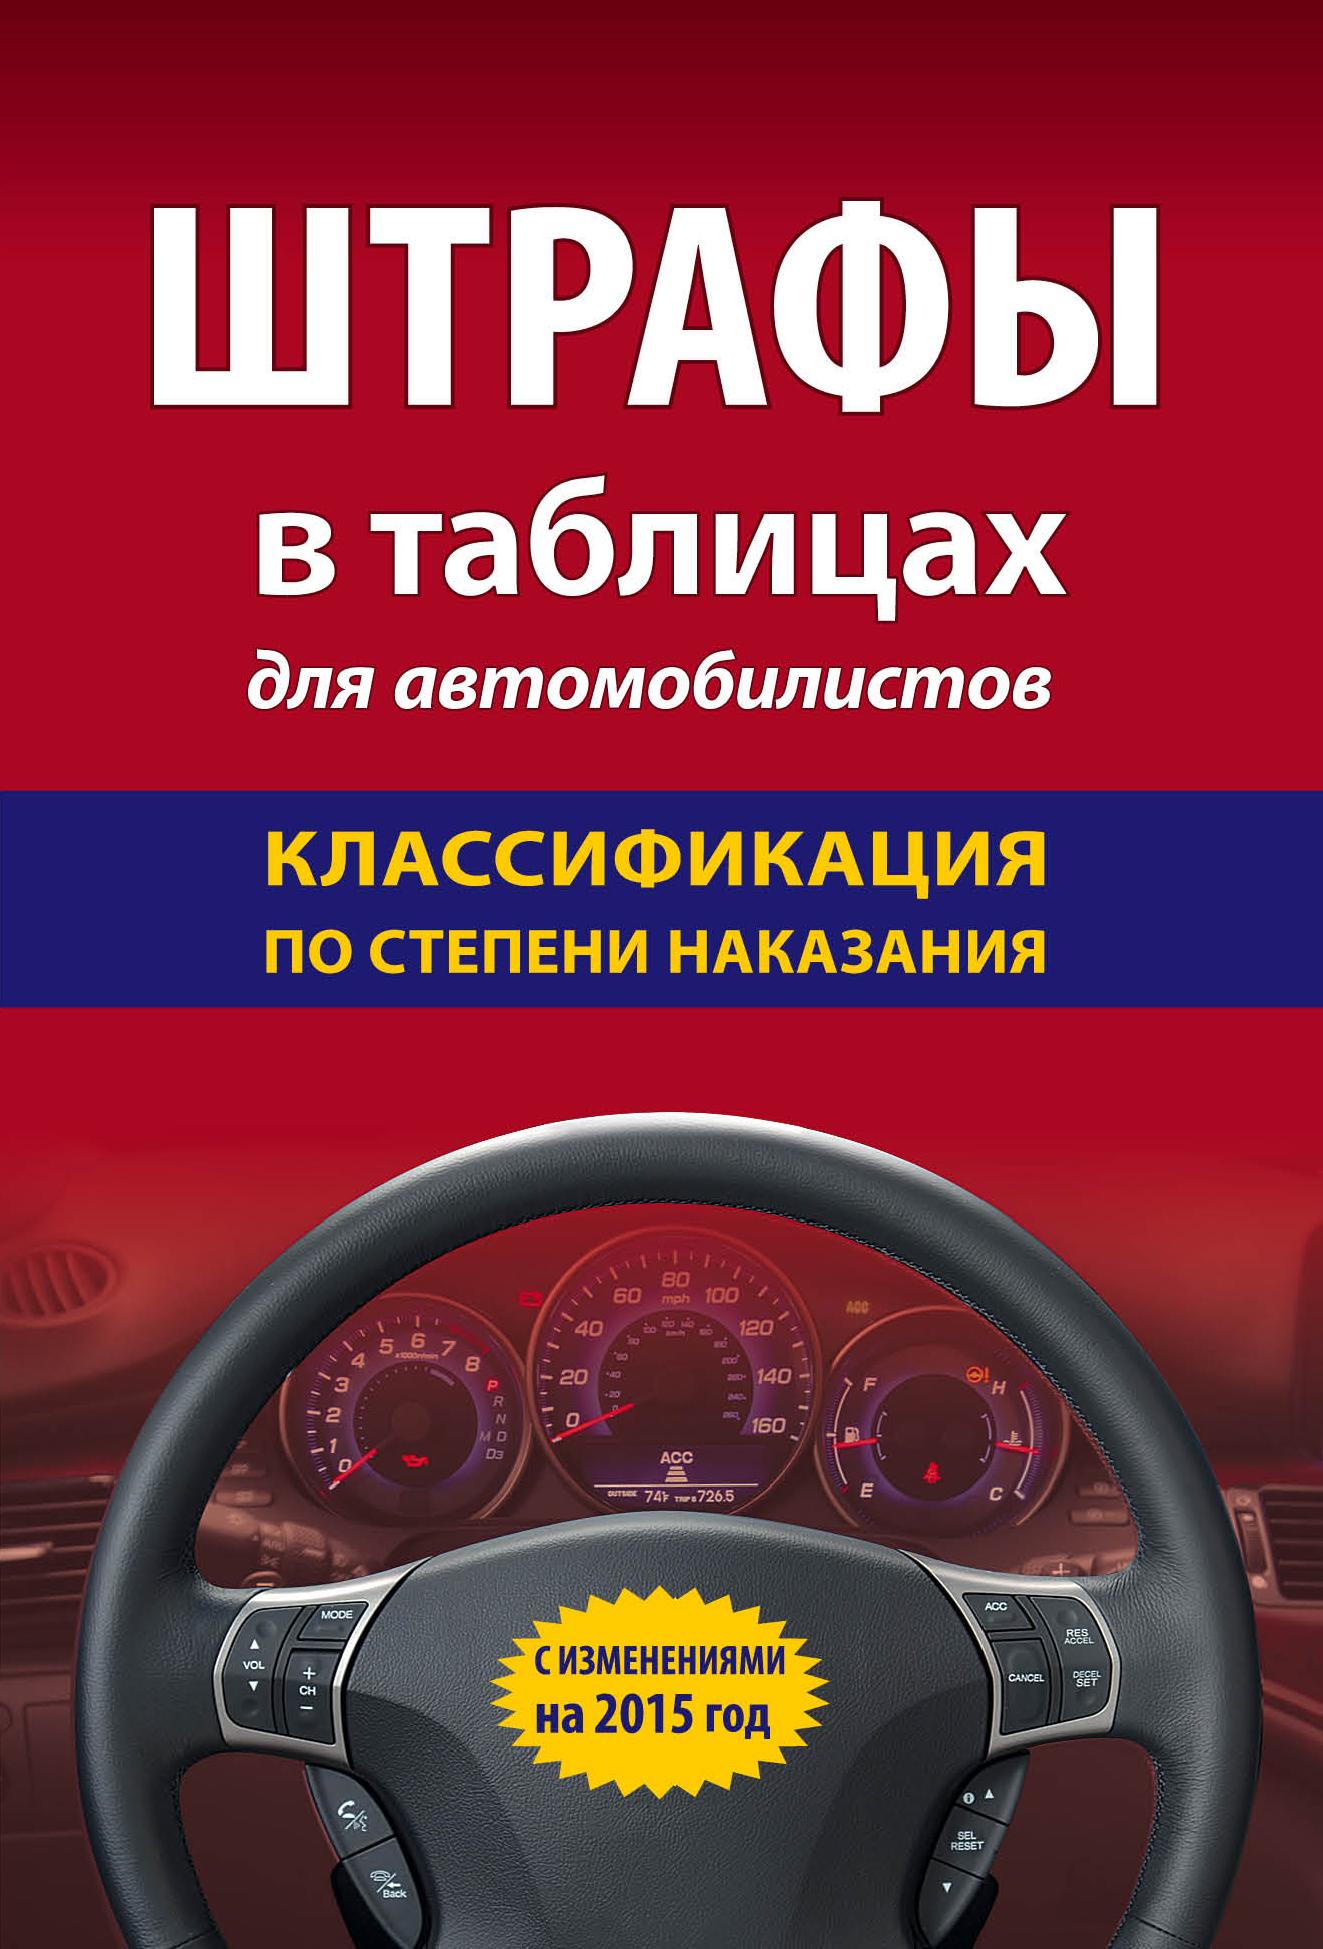 Штрафы в таблицах для автомобилистов с изменениями на 2015 год. Классификация по степени наказания